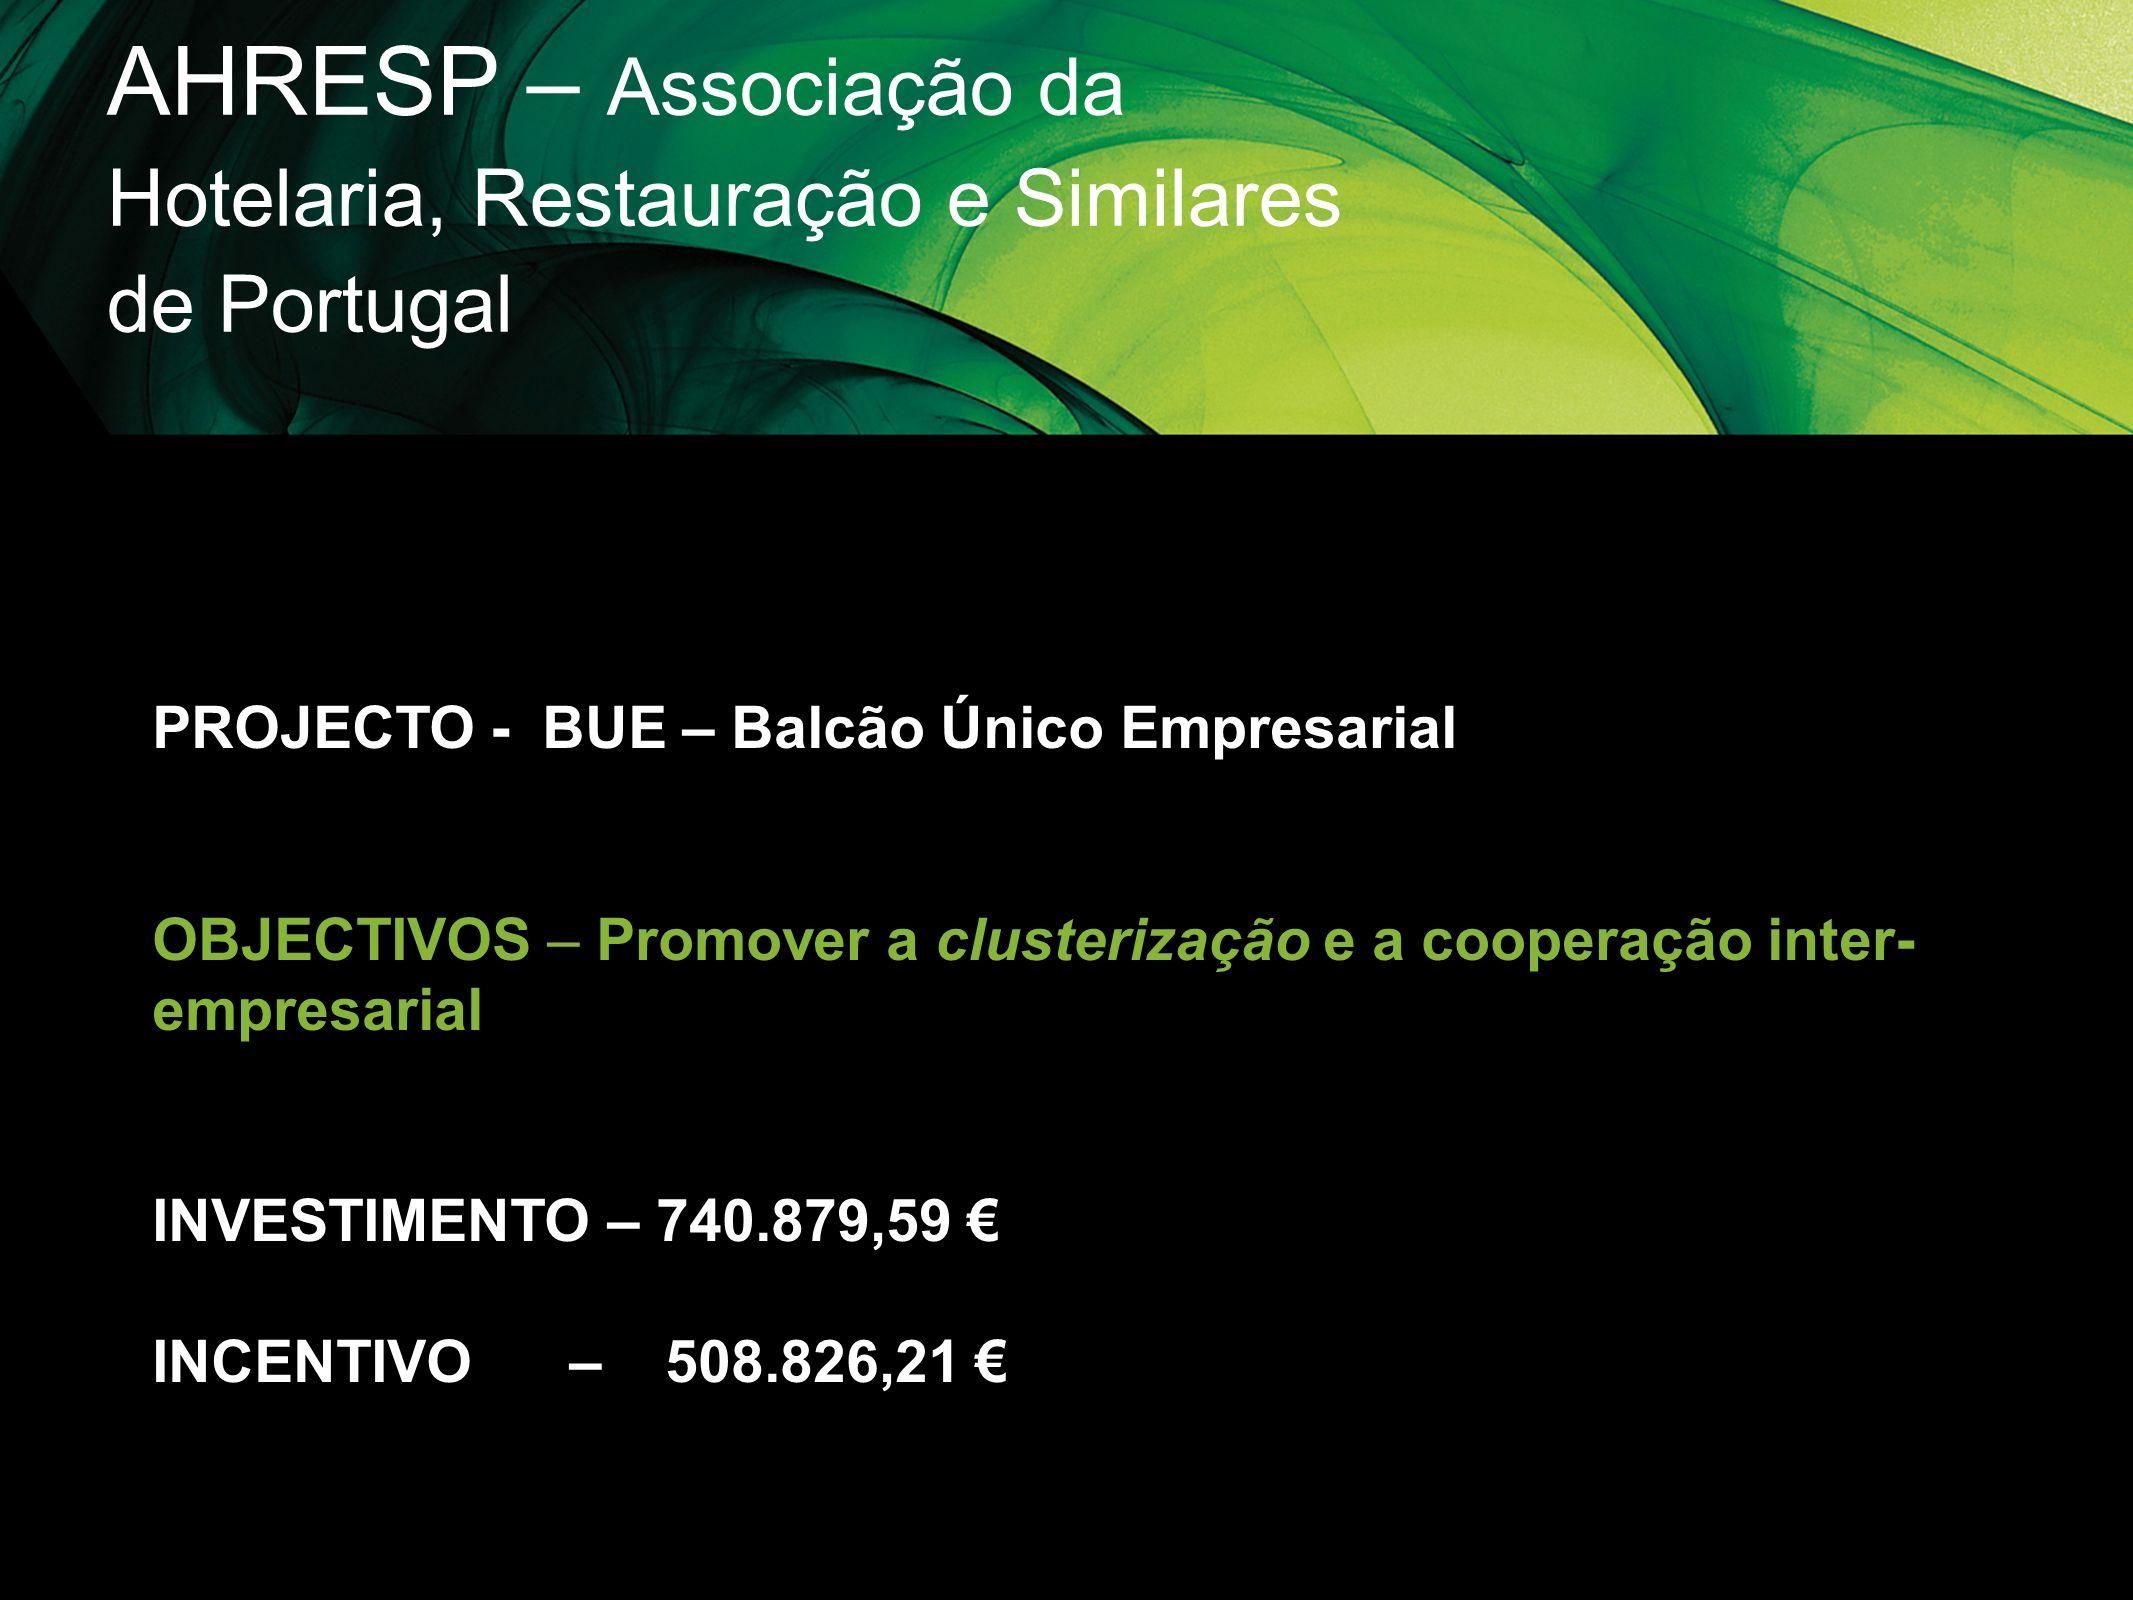 AHRESP – Associação da Hotelaria, Restauração e Similares de Portugal PROJECTO - BUE – Balcão Único Empresarial OBJECTIVOS – Promover a clusterização